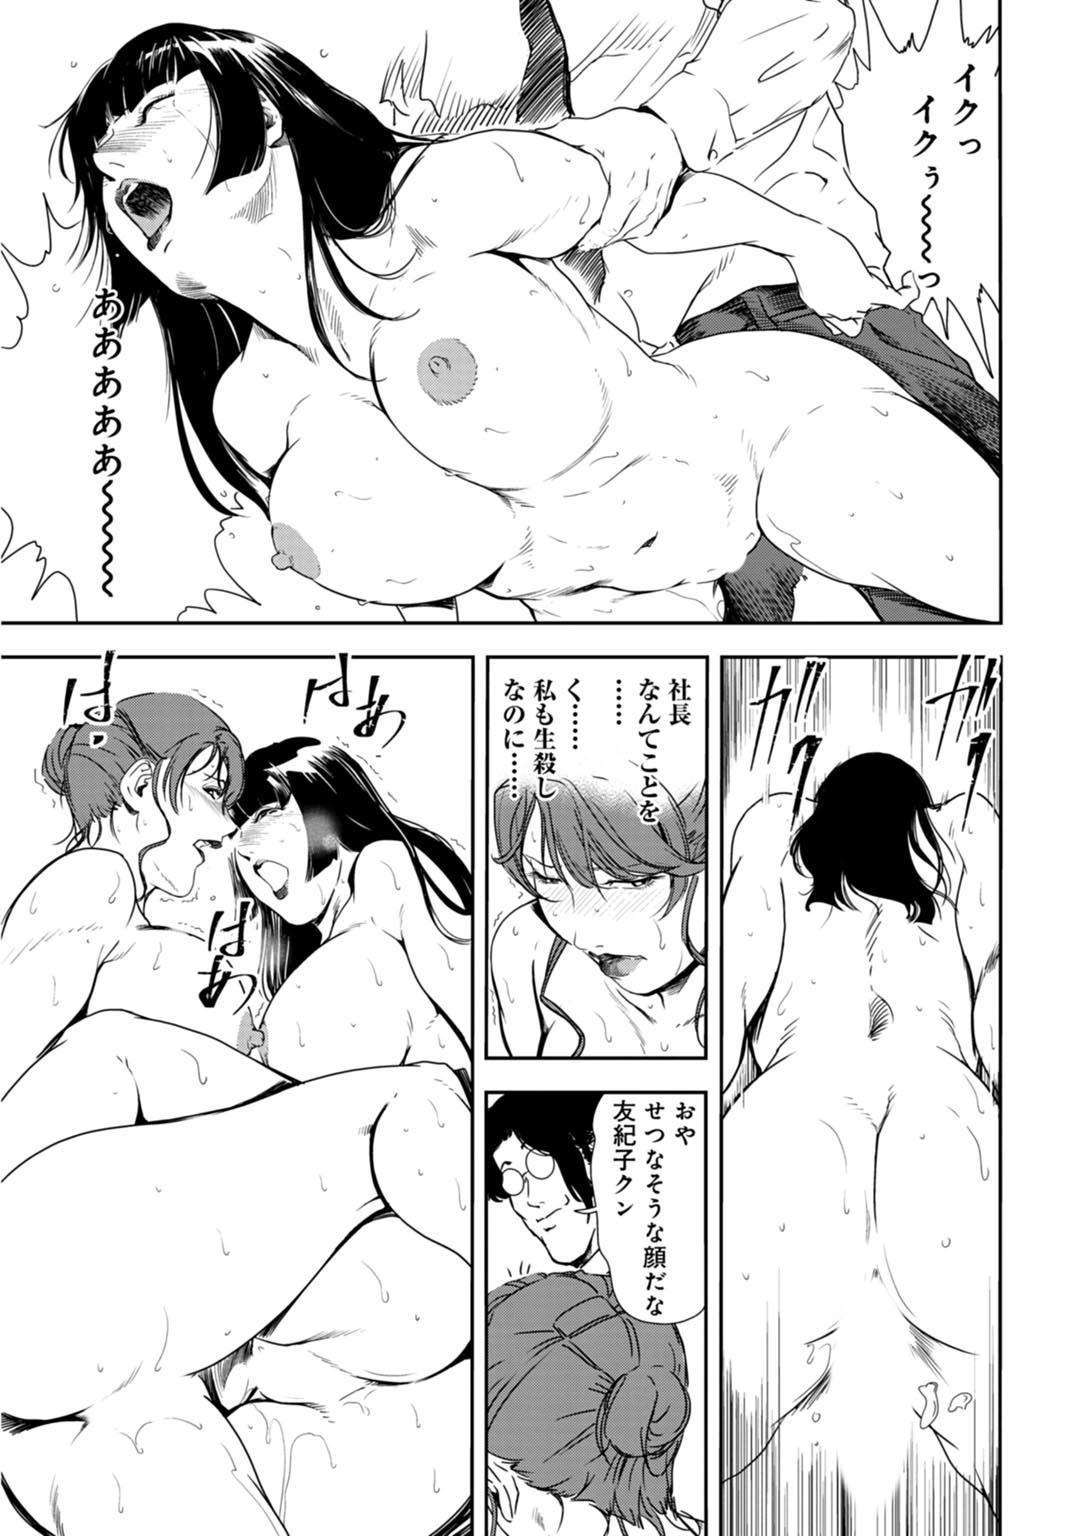 Nikuhisyo Yukiko 26 95